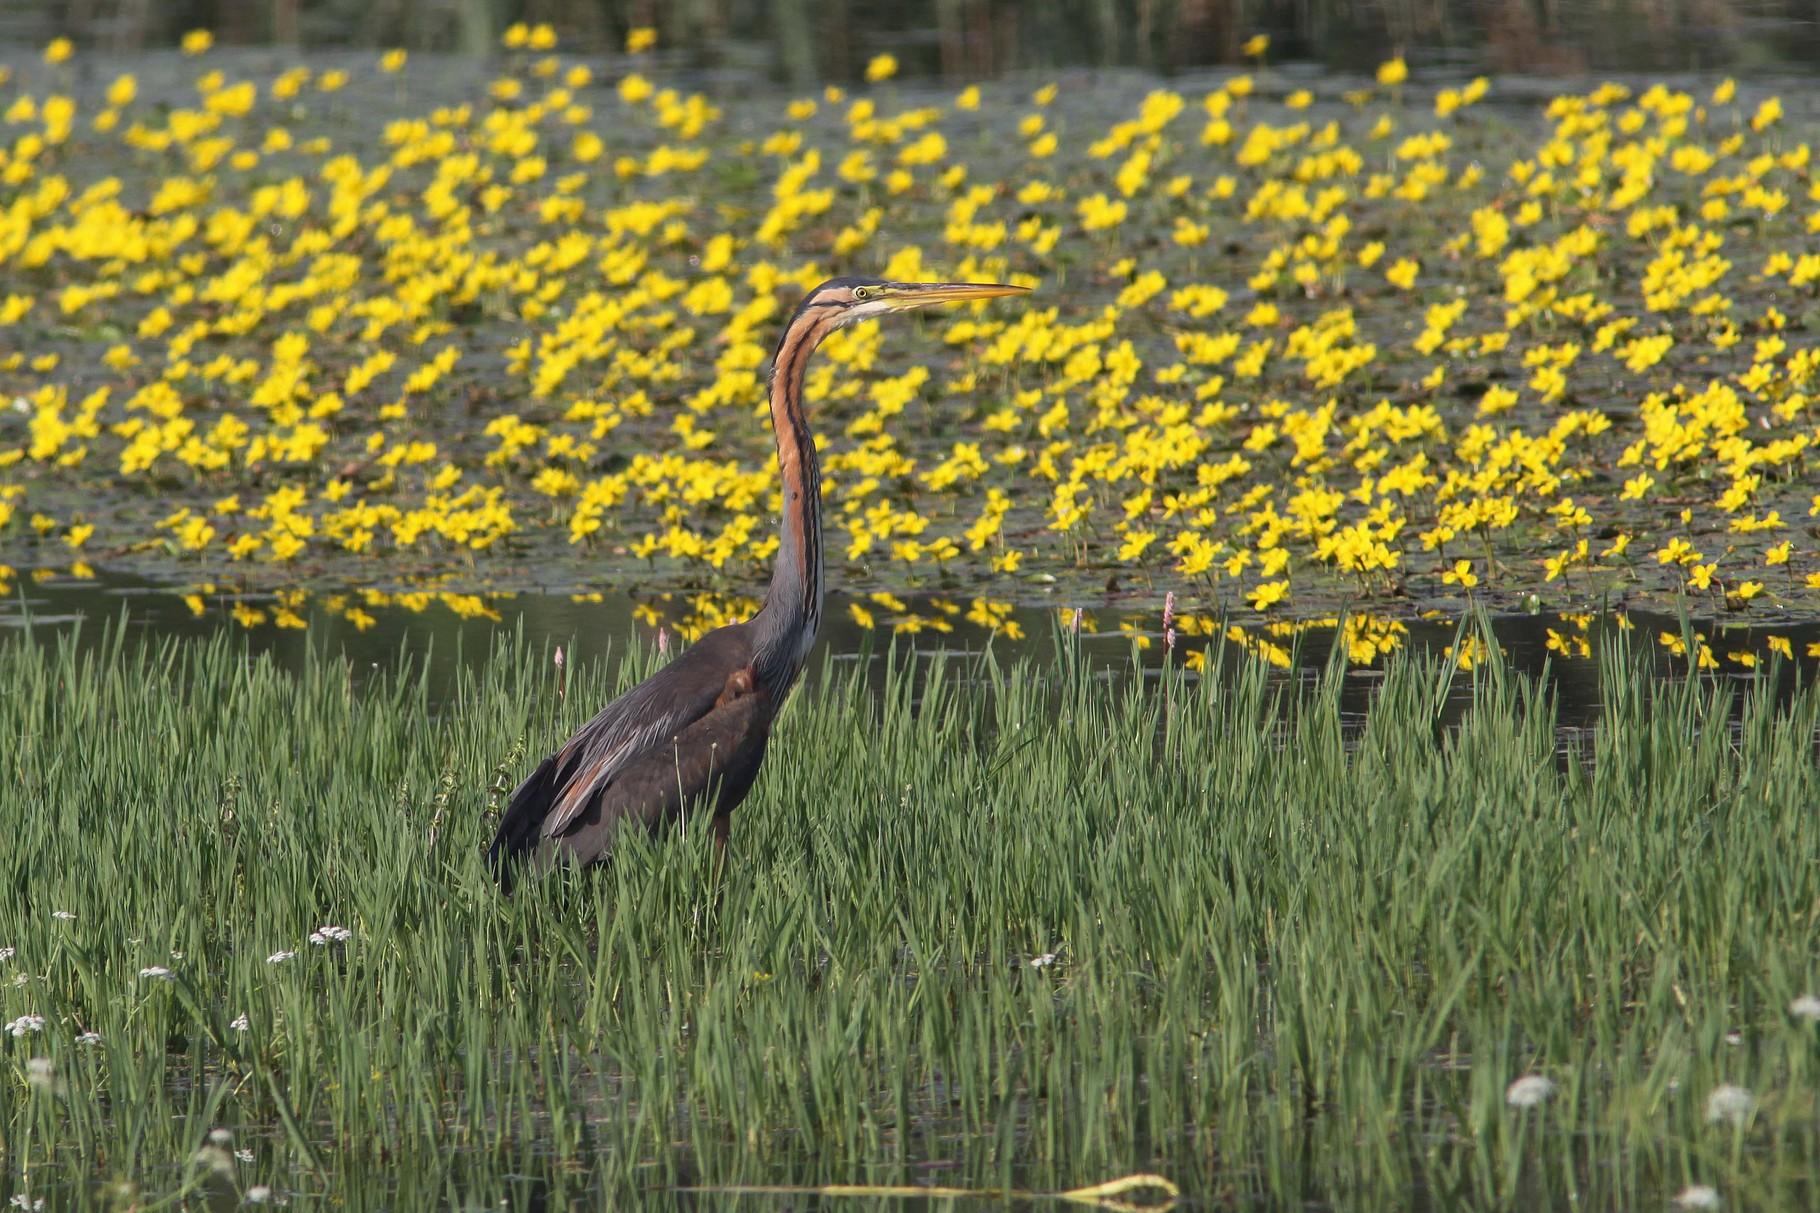 Purpurreiher: auch er nutzt die Seichtwasserzonen zum Fischfang